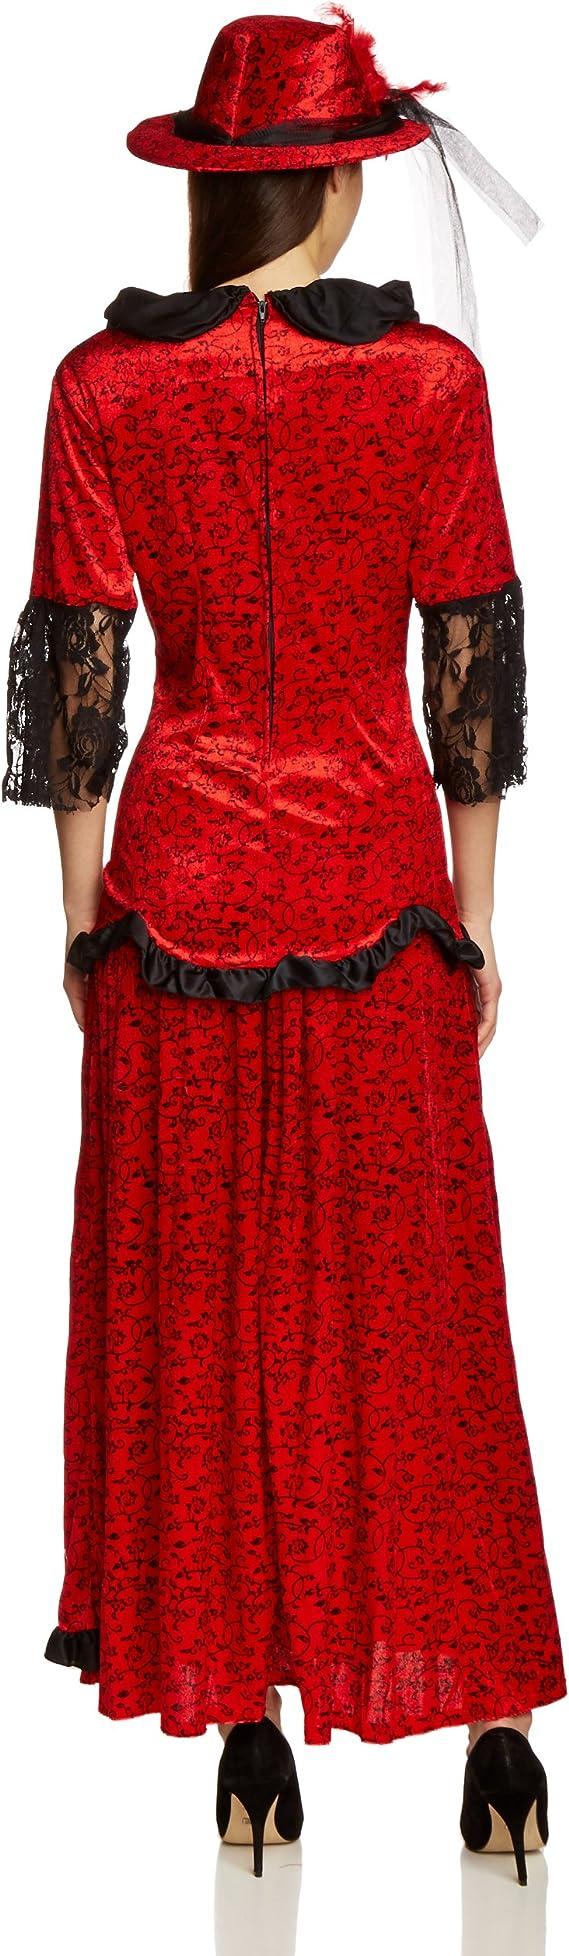 WIDMANN Widman - Disfraz de cowboy para mujer, talla XL (W3239) , color/modelo surtido: Amazon.es: Juguetes y juegos